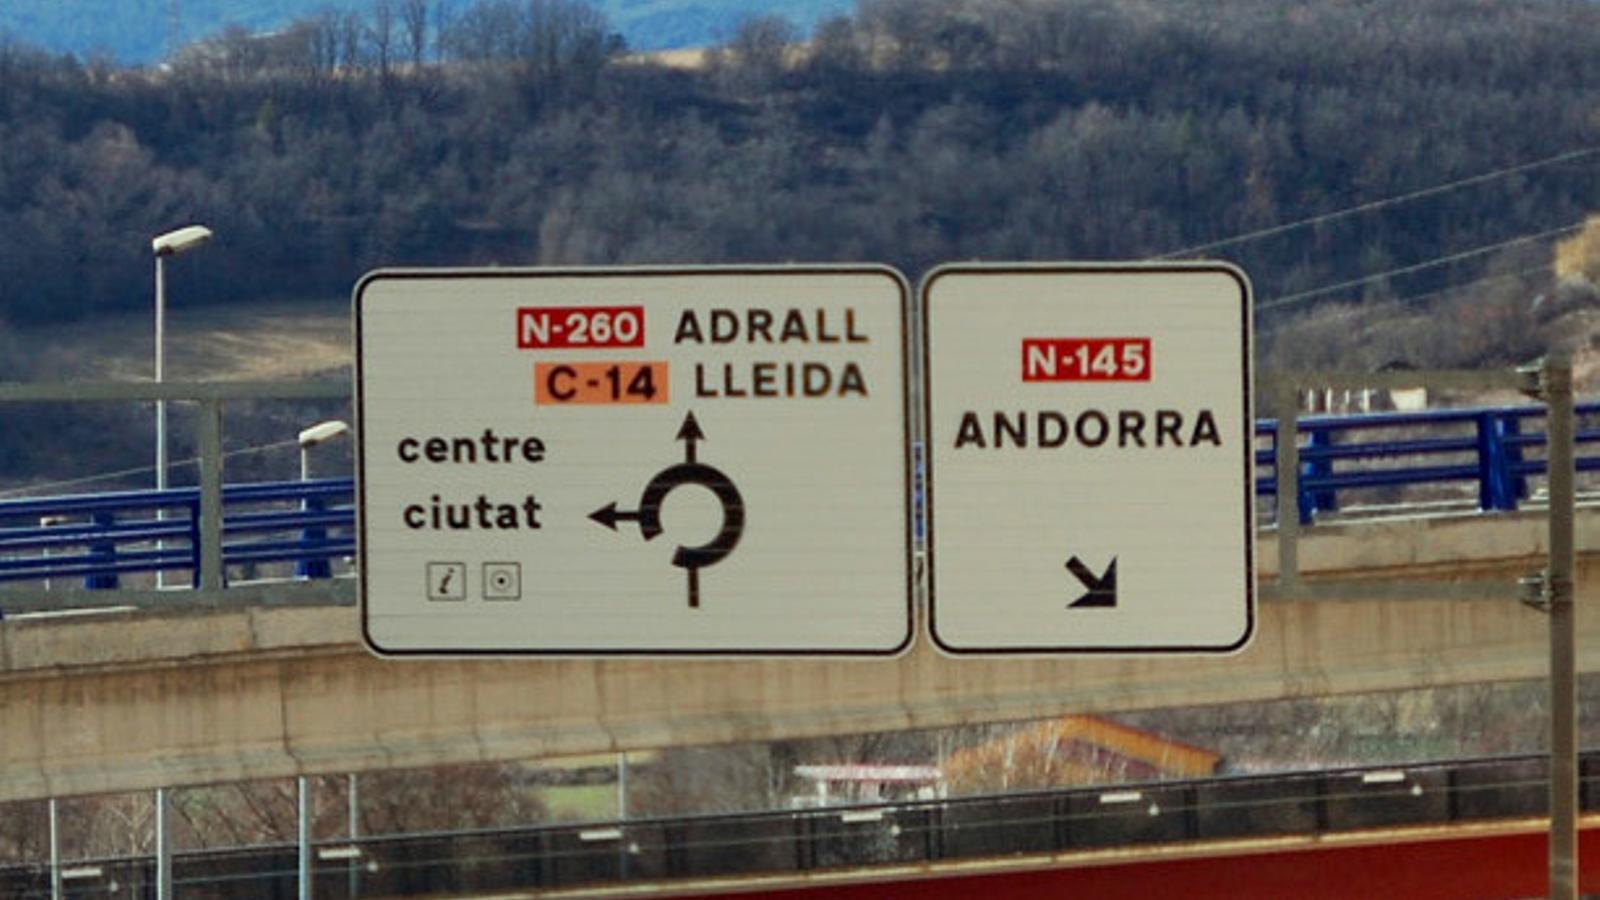 L'accident va tenir lloc a la N-260 al seu pas per Adrall